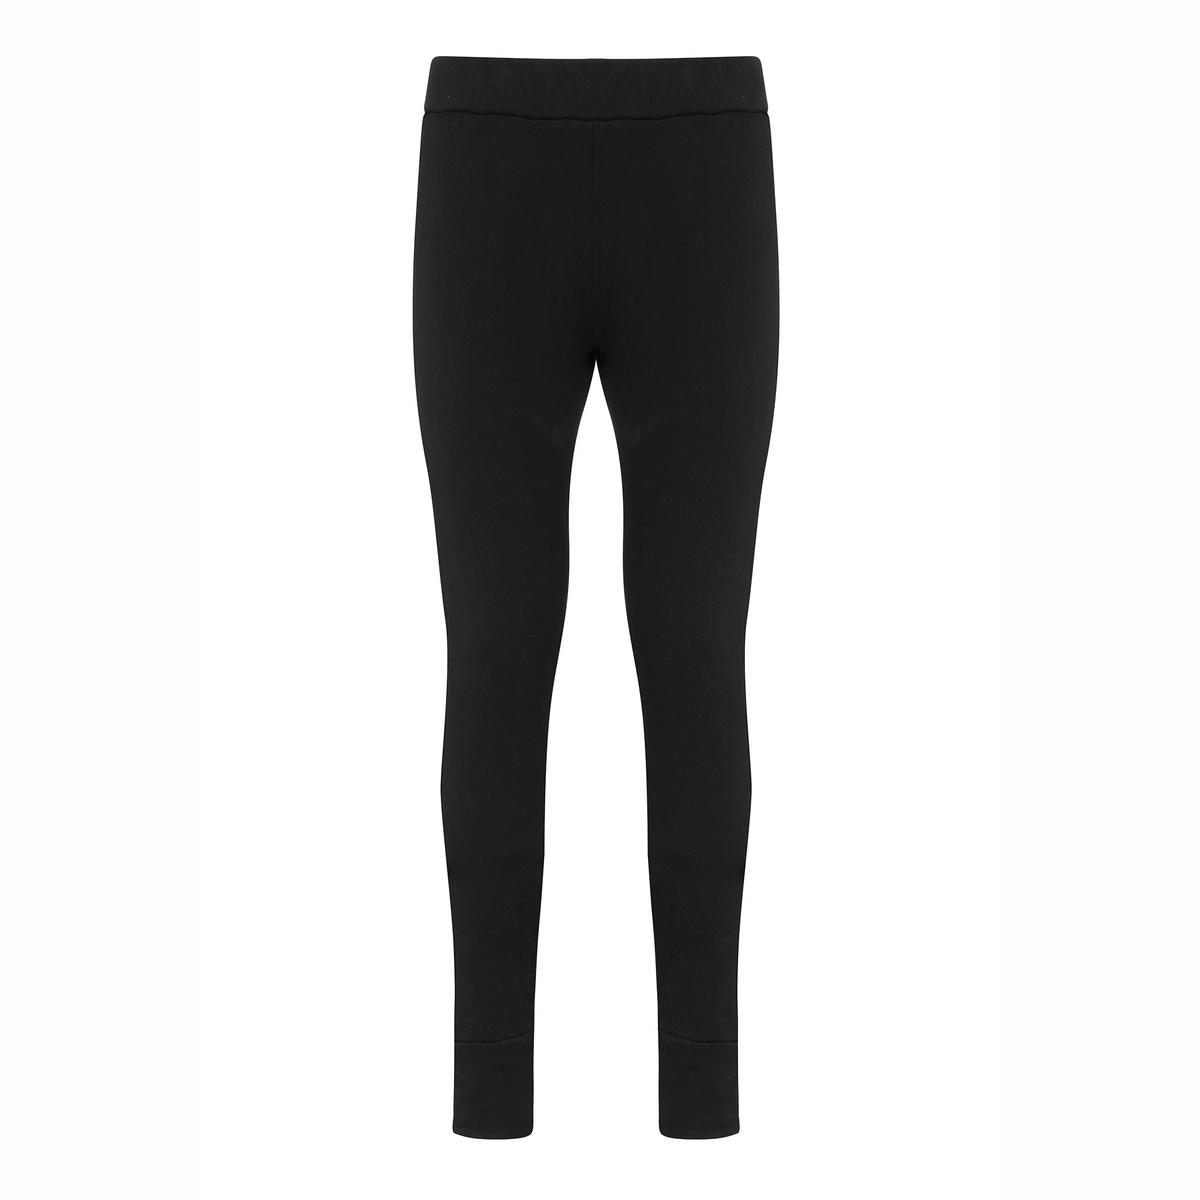 Брюки ZIAЭлегантные спортивные брюки, комфортные и удобные, зауженный покрой в стиле леггинсов, из очень мягкого мольтона. Машинная стирка при 30 °C. Мольтон, 100% чесаный хлопок с мягкой внутренней поверхностью.<br><br>Цвет: черный